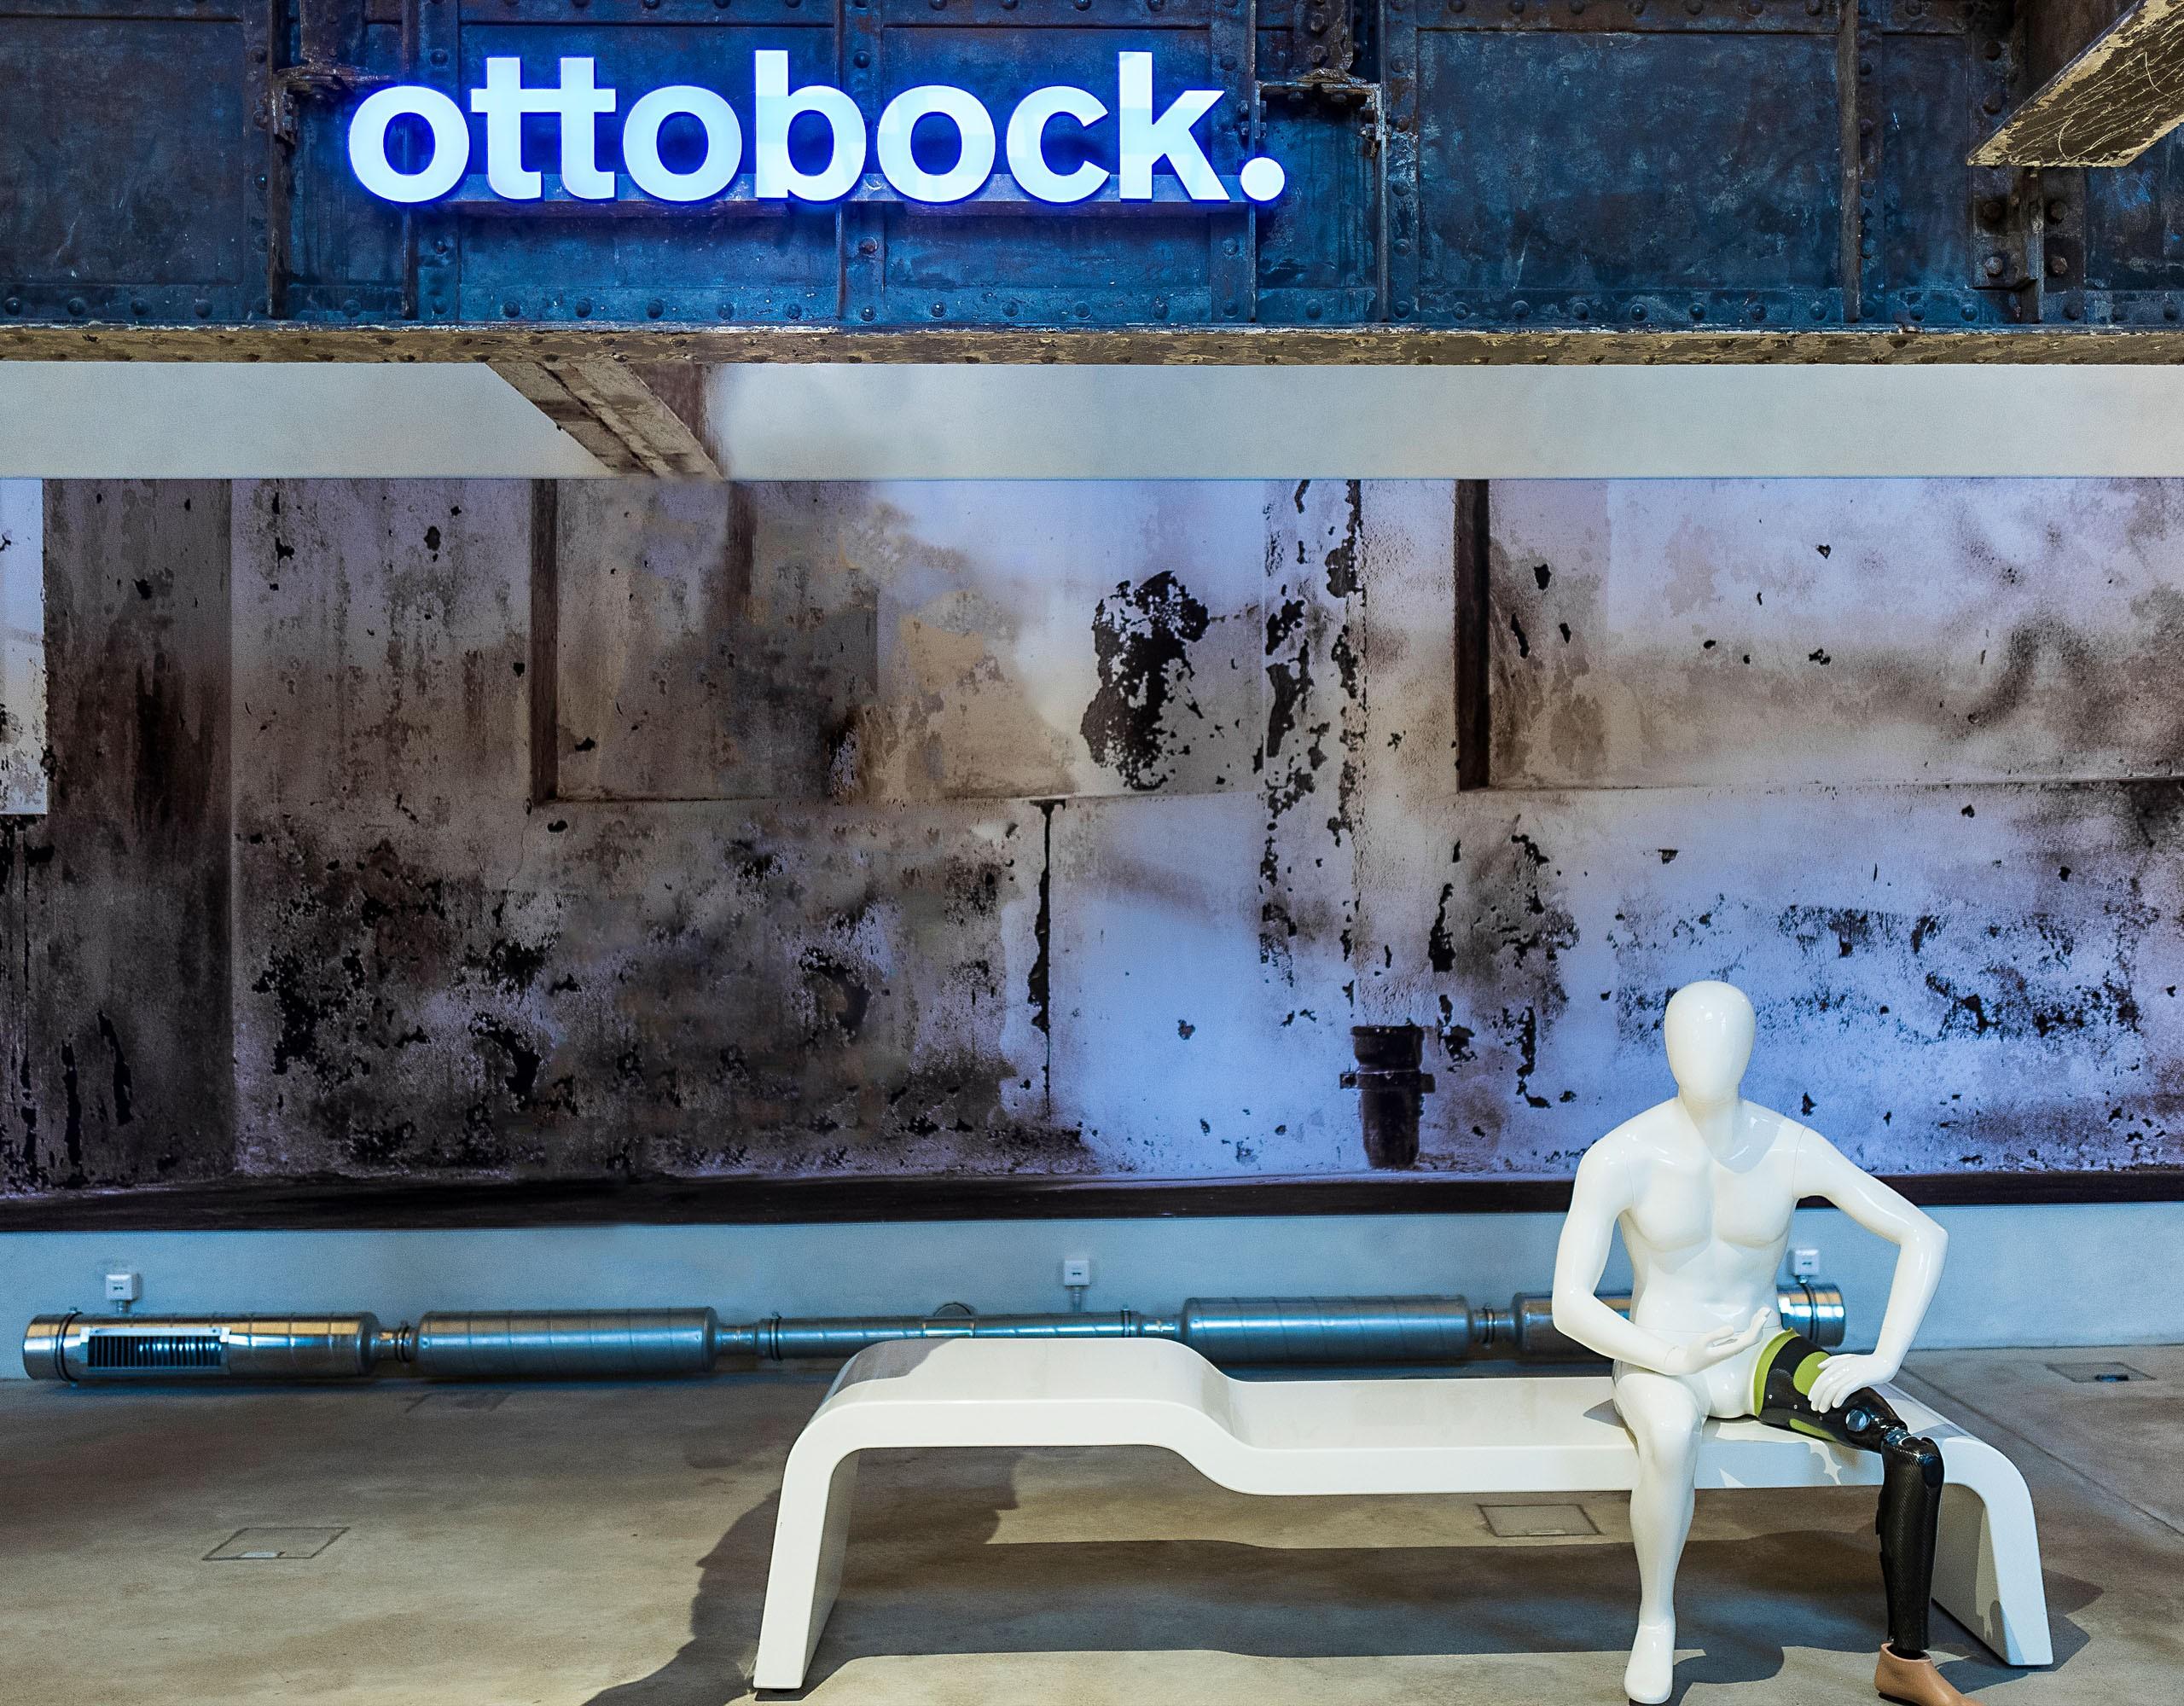 """Weiße Skulptur mit Beinprothese auf einer Bank vor bläulichem Hintergrund mit Leuchtschrift """"Ottobock"""""""